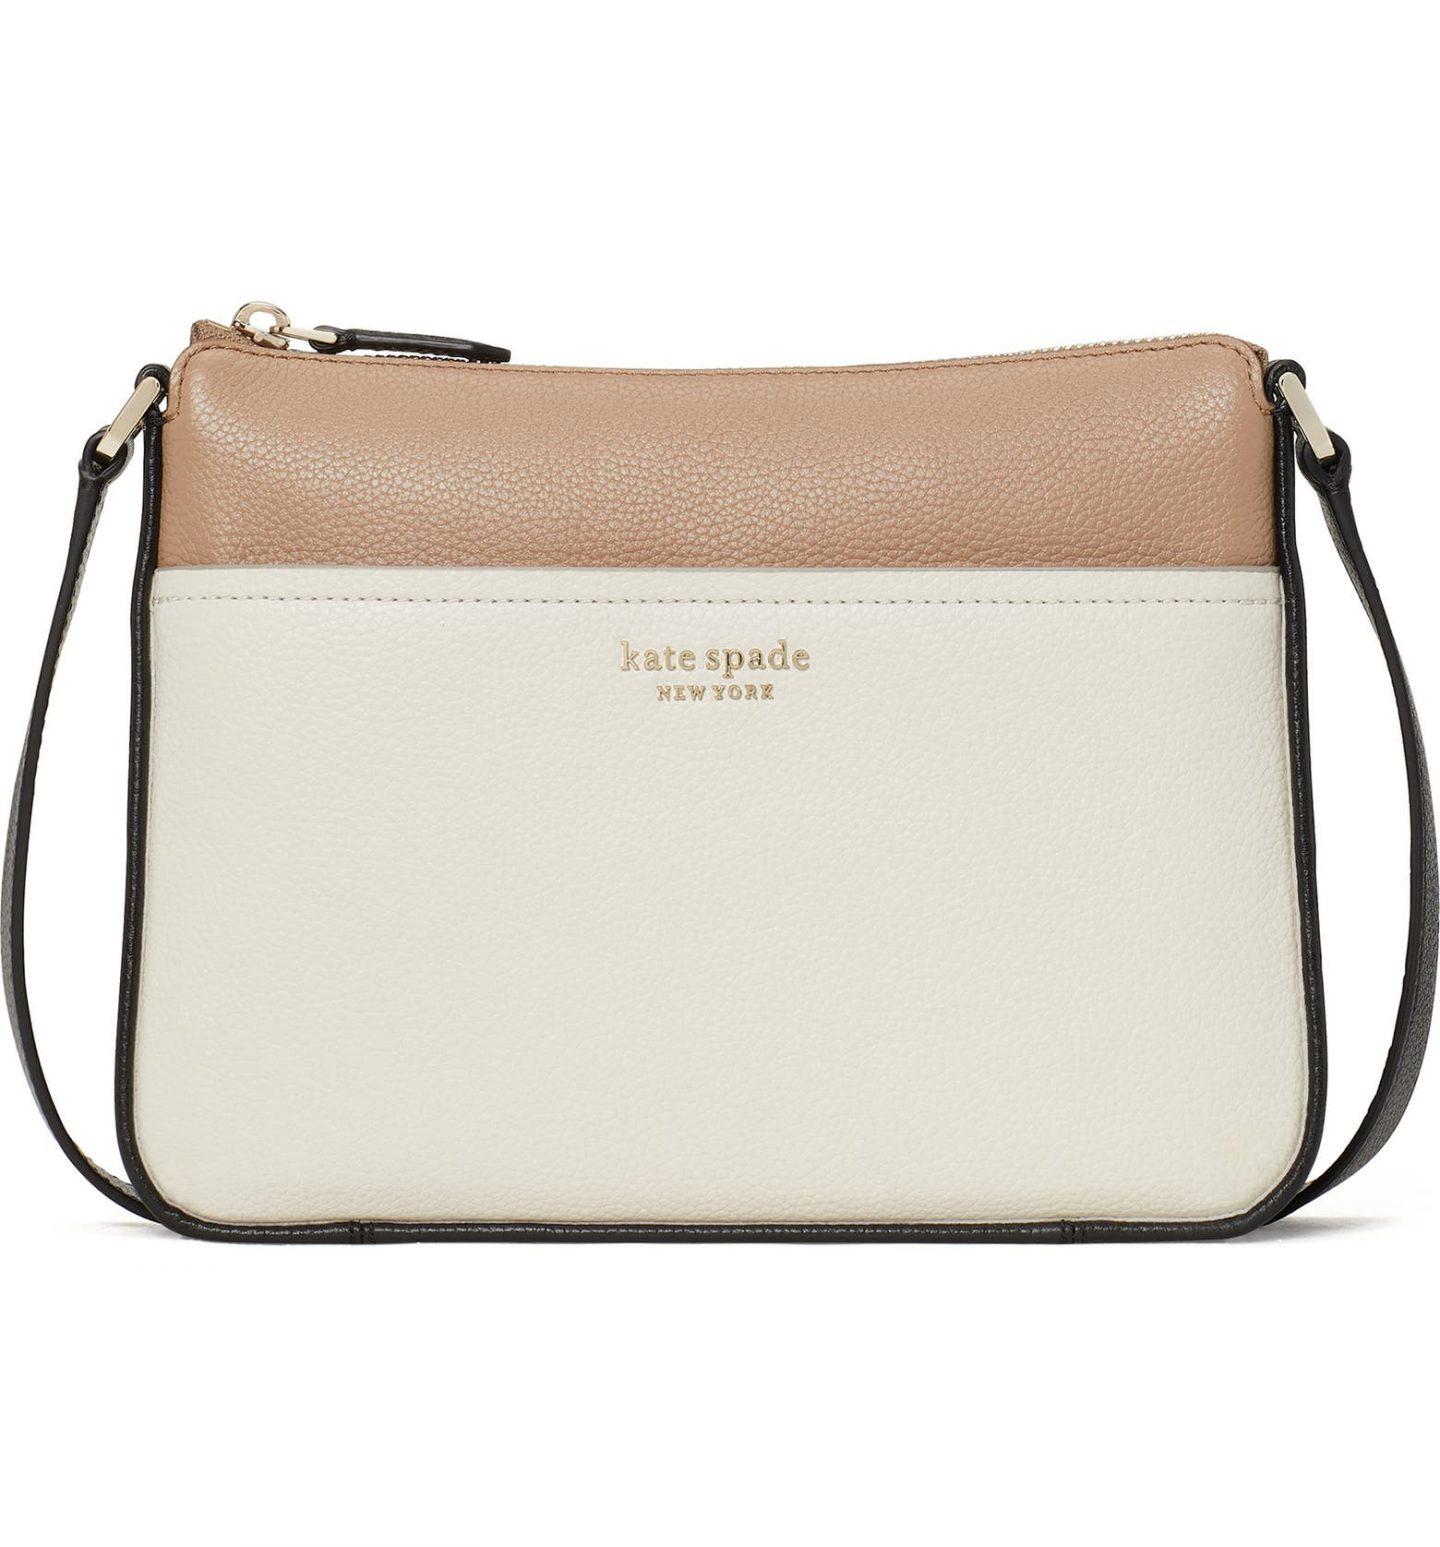 Kate Spade minimalist bag